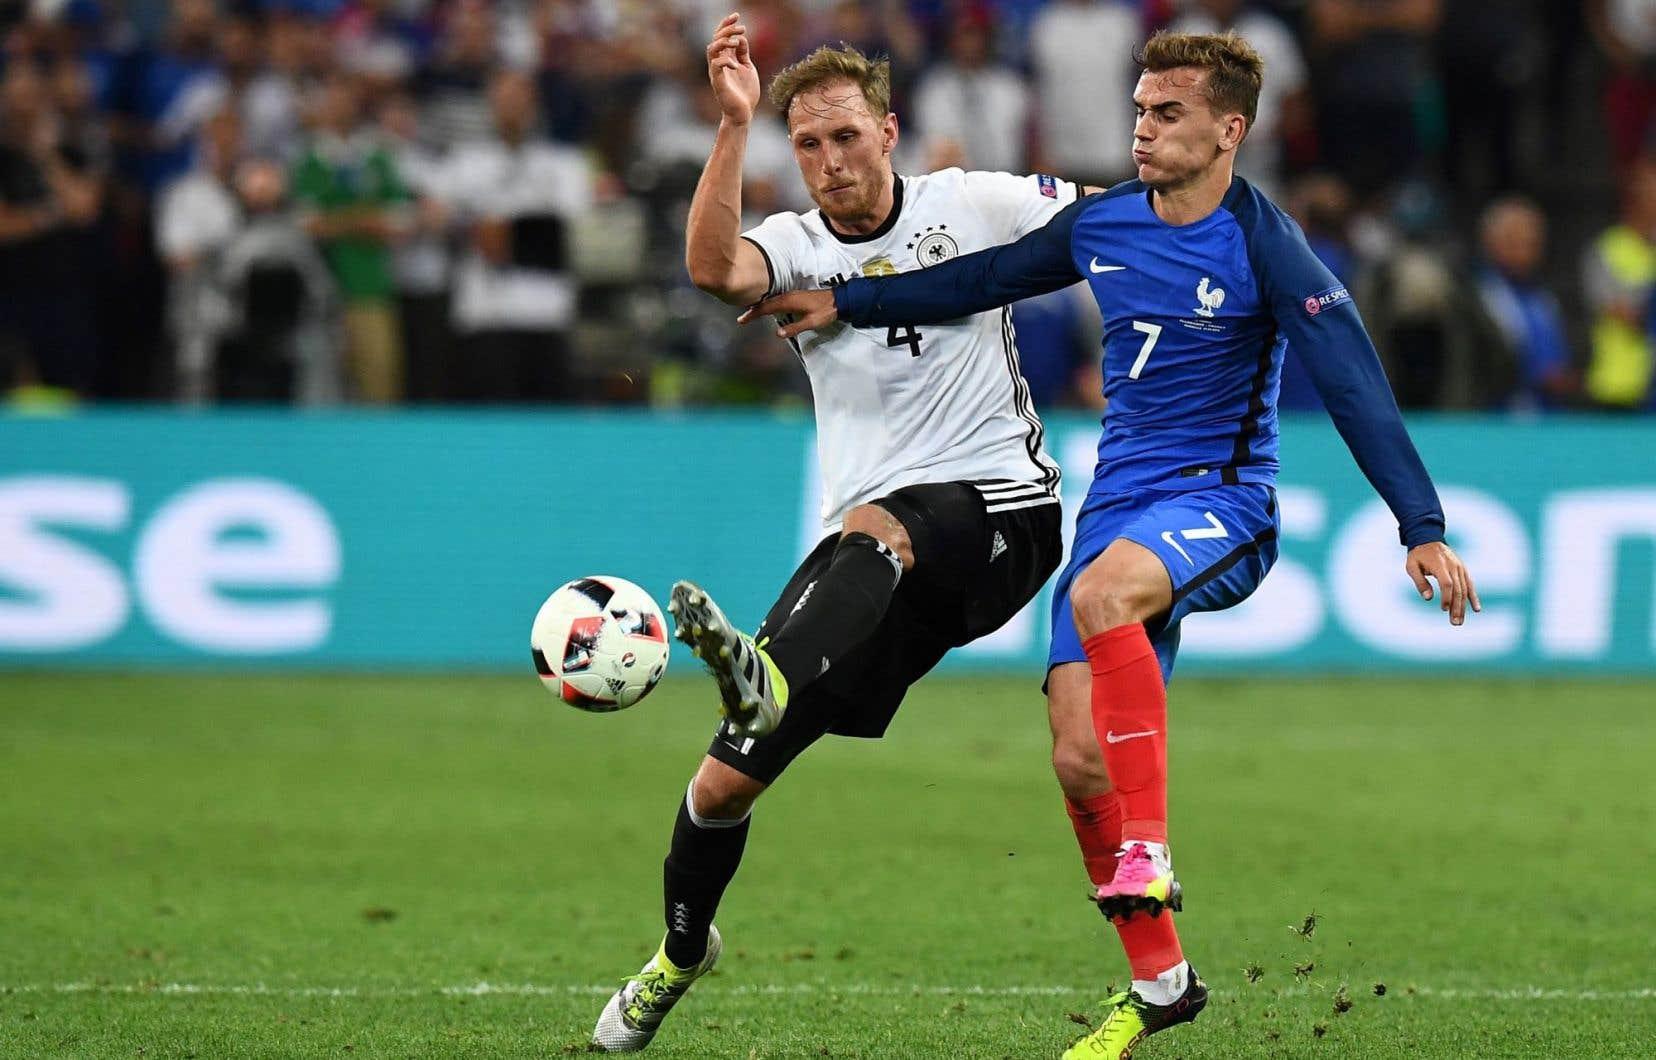 Le défenseur allemand Benedikt Hoewedes au coude à coude avec l'attaquant français Antoine Griezmann lors de la demi-finale, jeudi, à Marseille.